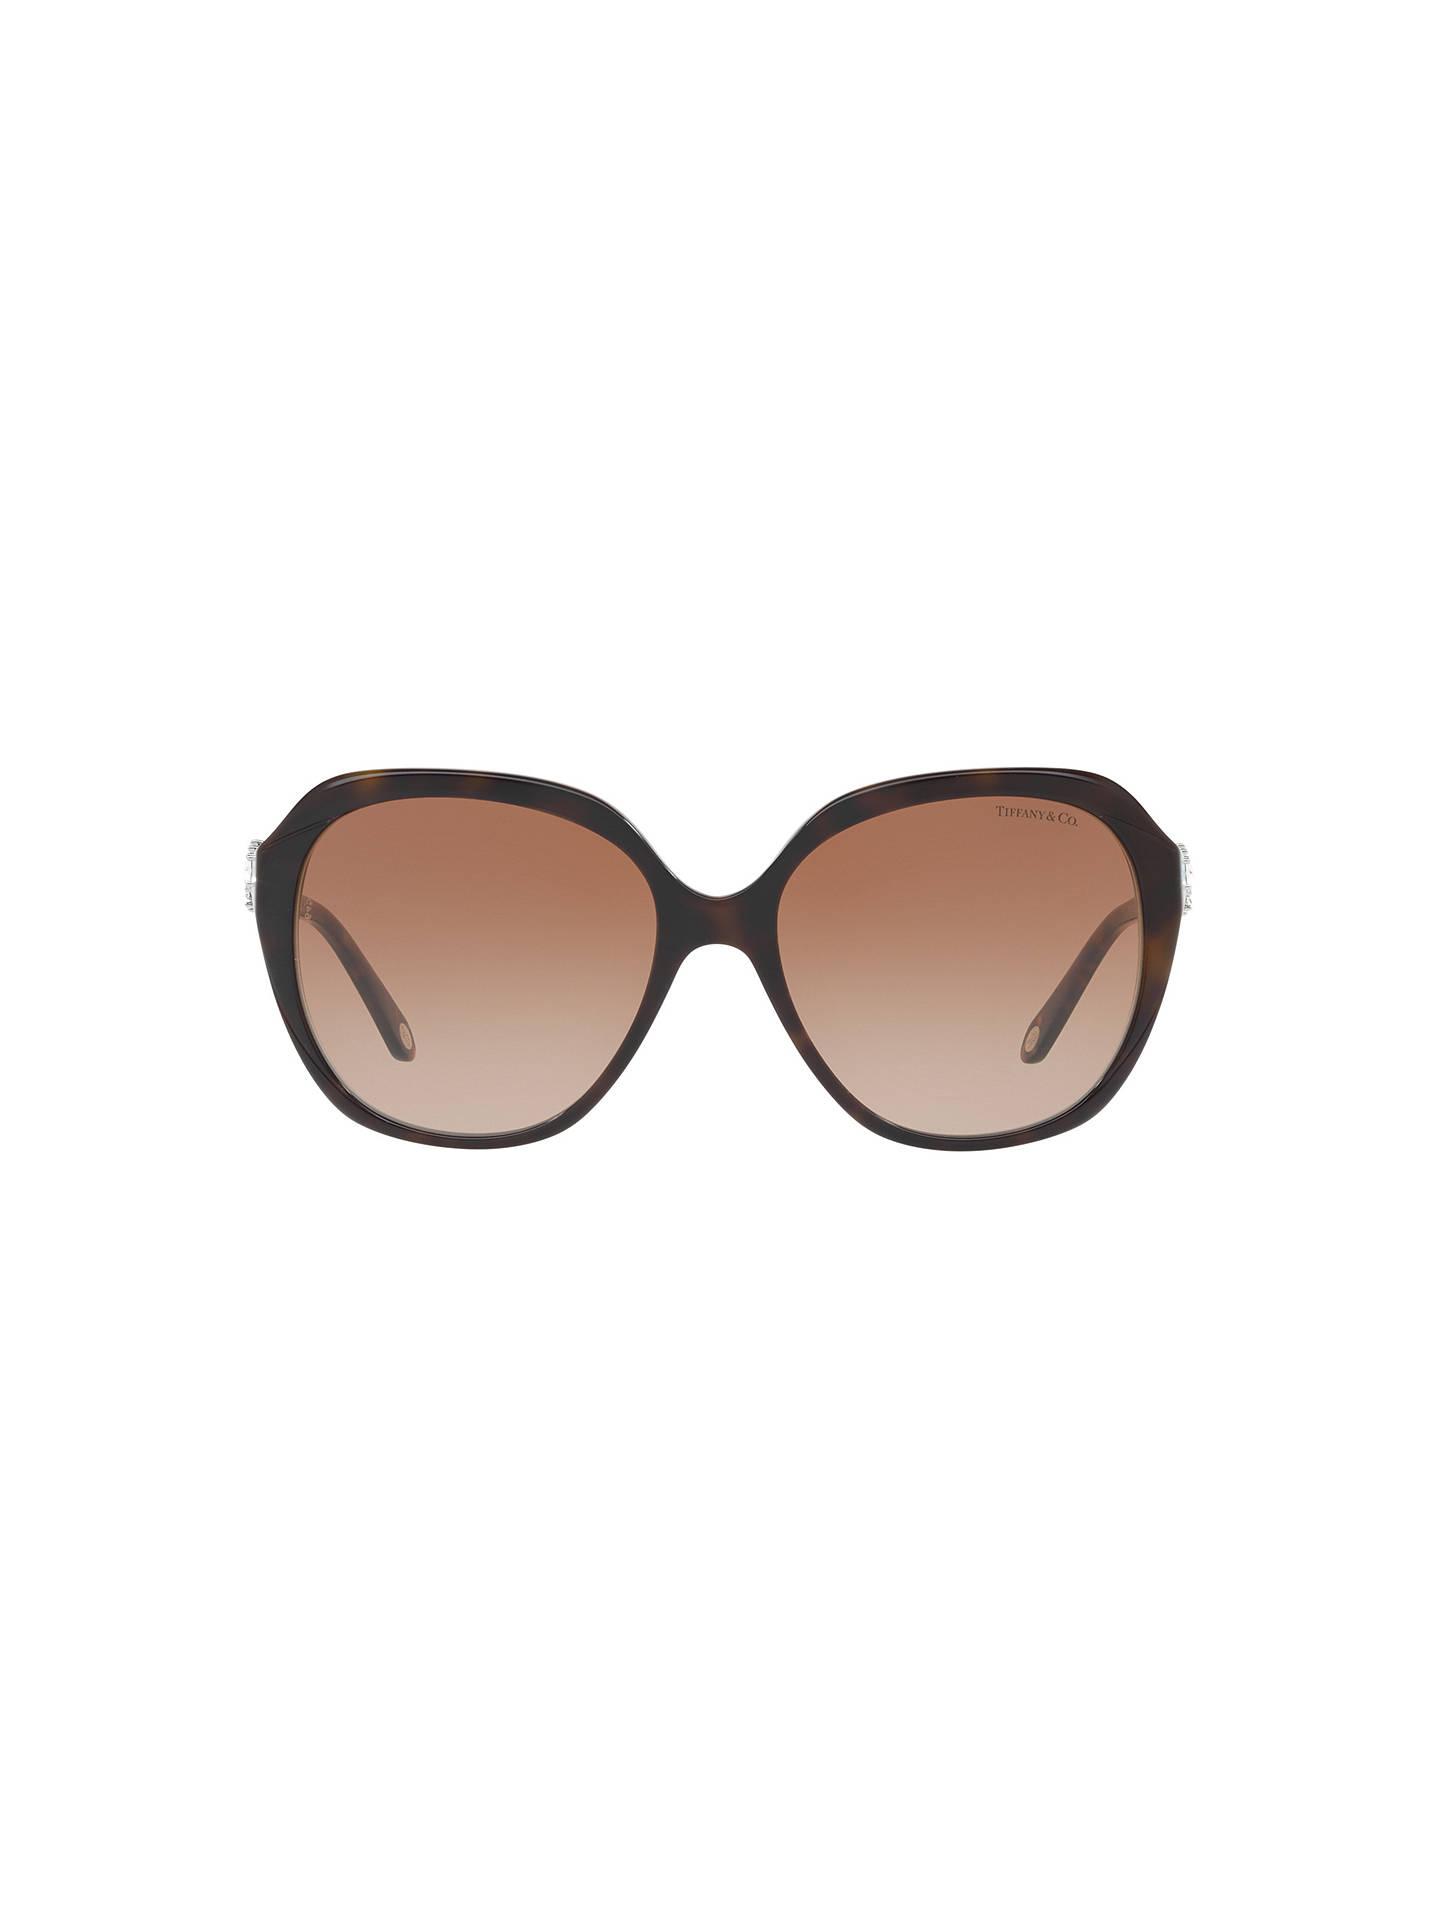 7489e9ea45 Tiffany   Co TF4132HB Embellished Square Sunglasses